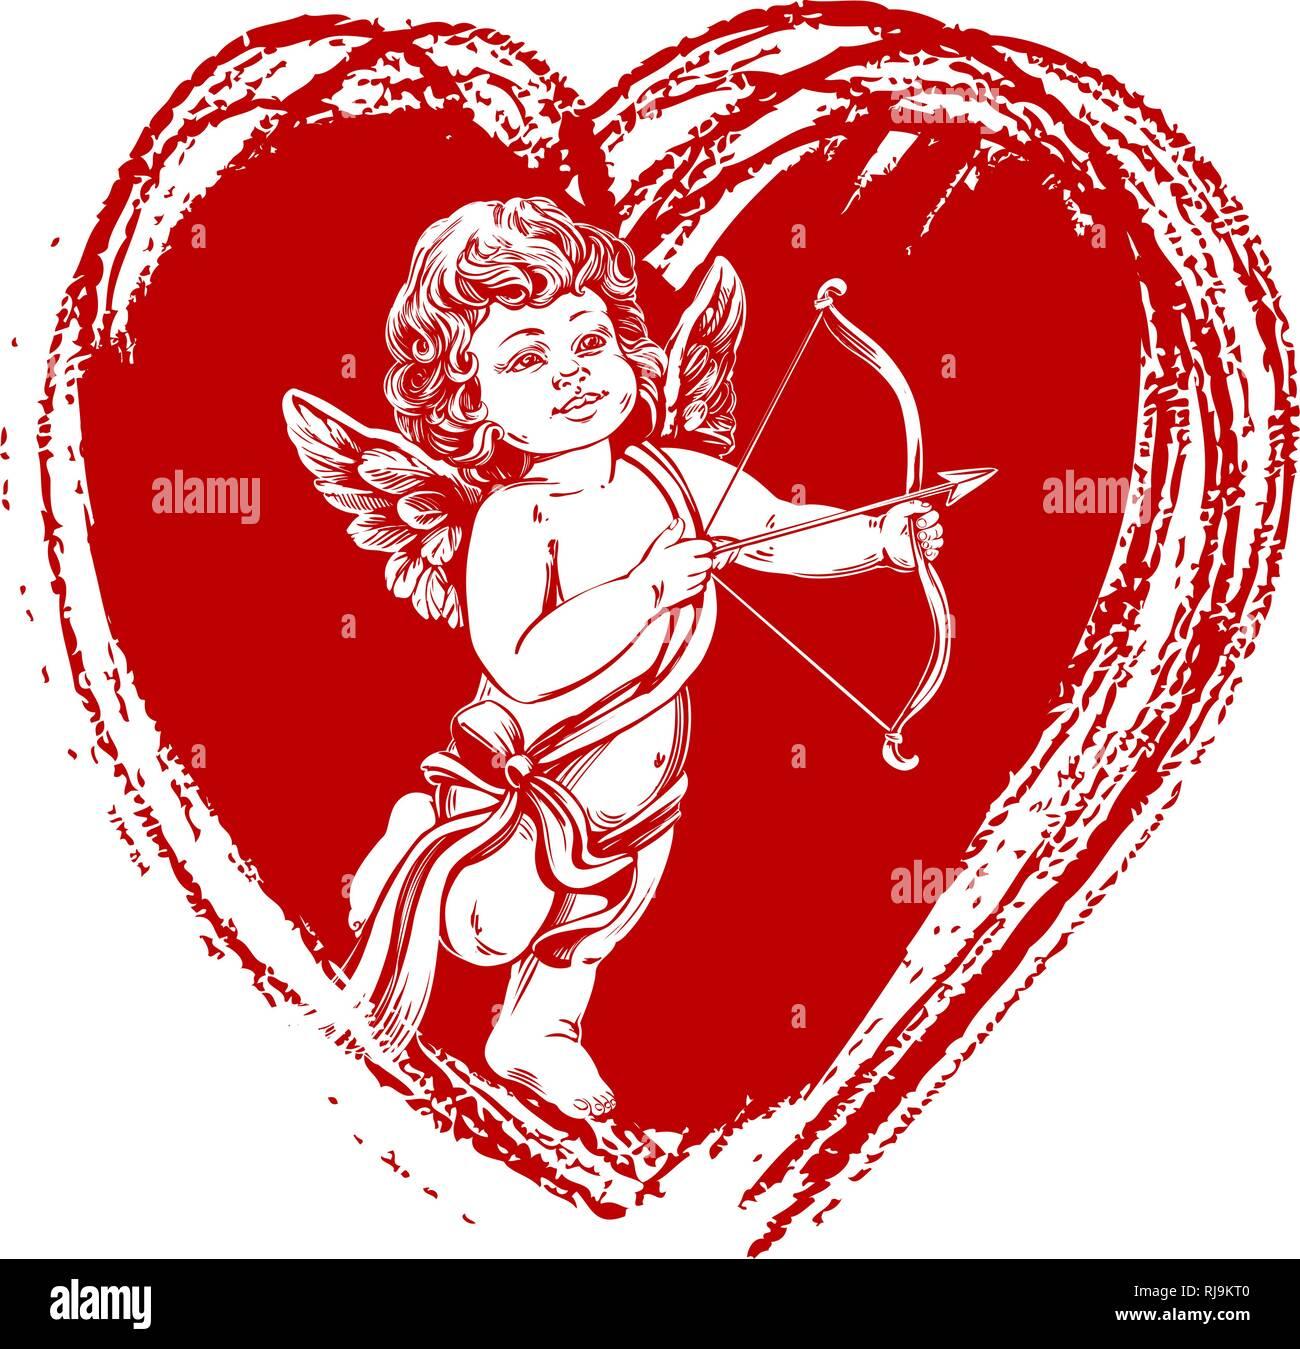 Love Arrow Bow Love Stockfotos Love Arrow Bow Love Bilder Seite